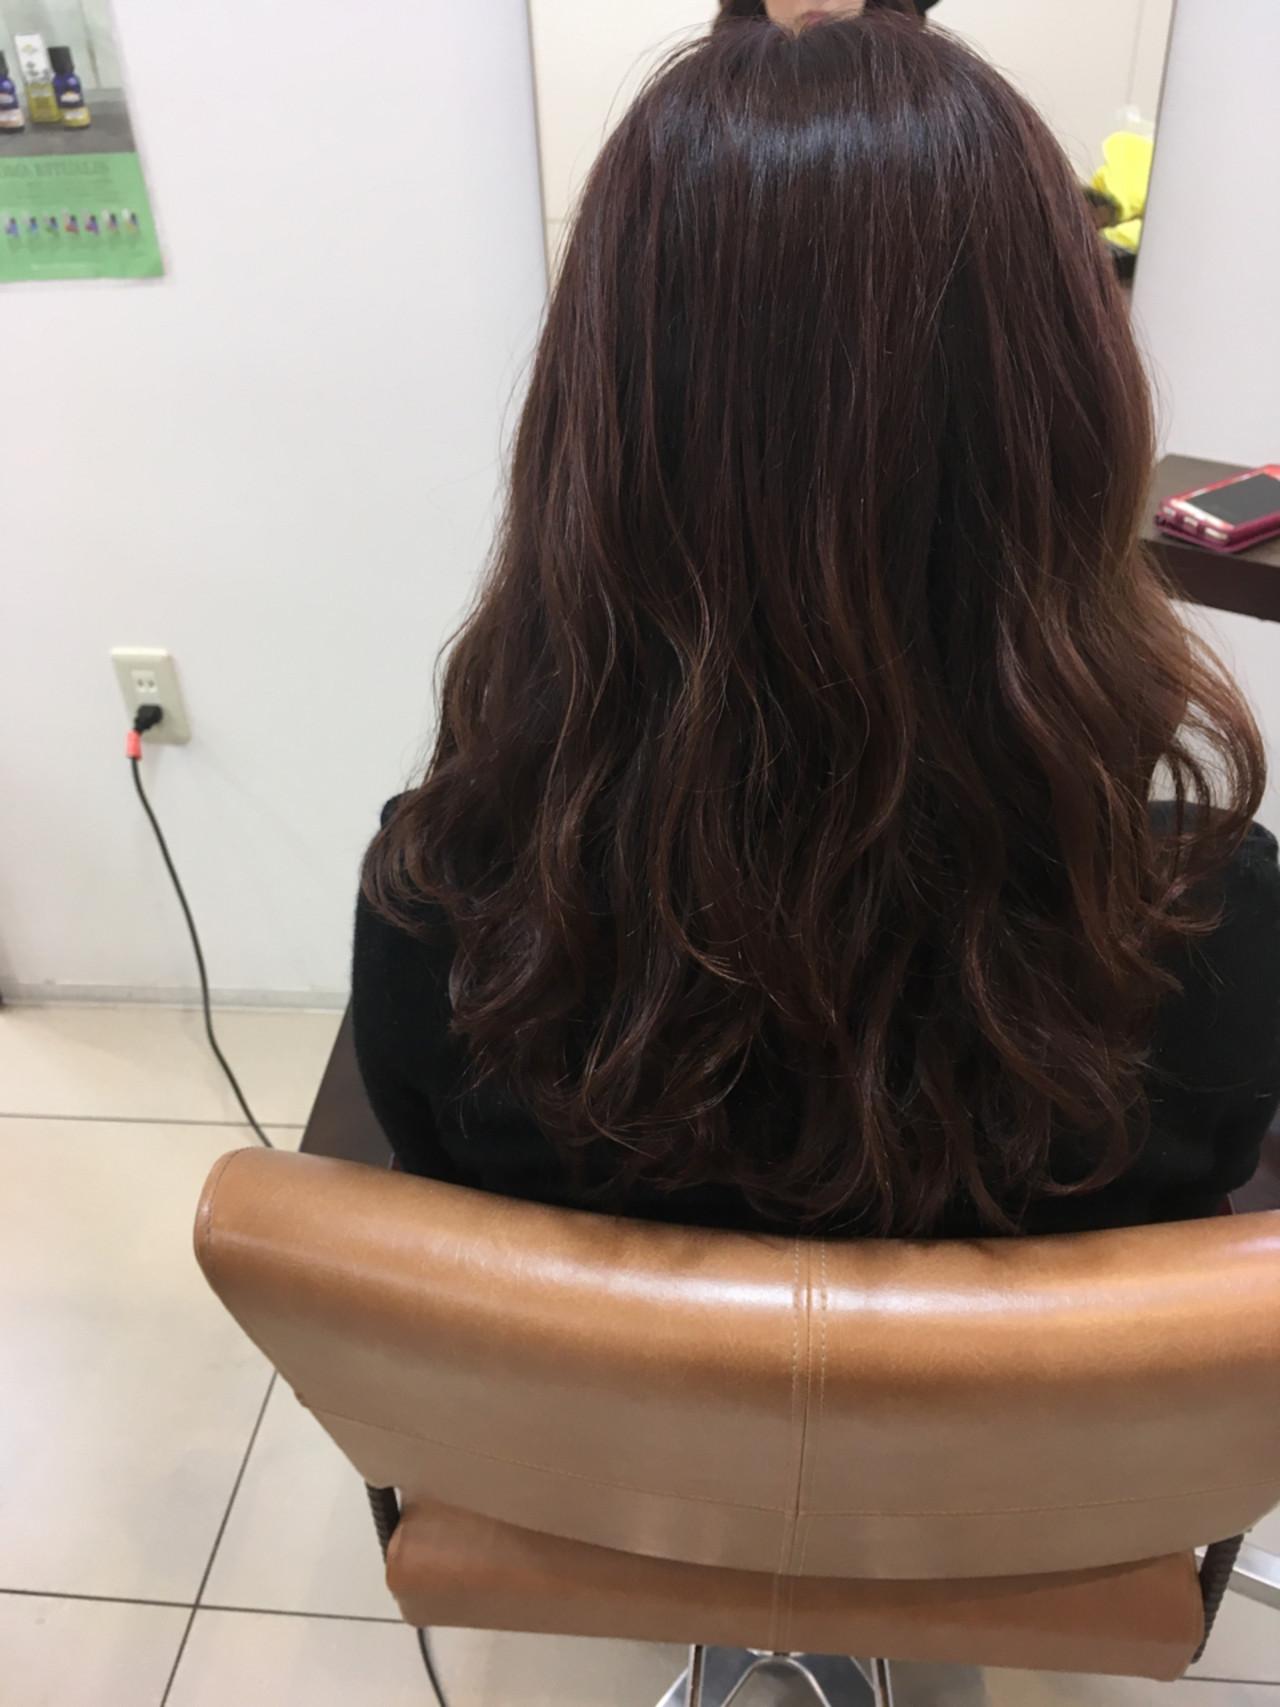 ピンクブラウン ピンクアッシュ セミロング ベージュ ヘアスタイルや髪型の写真・画像